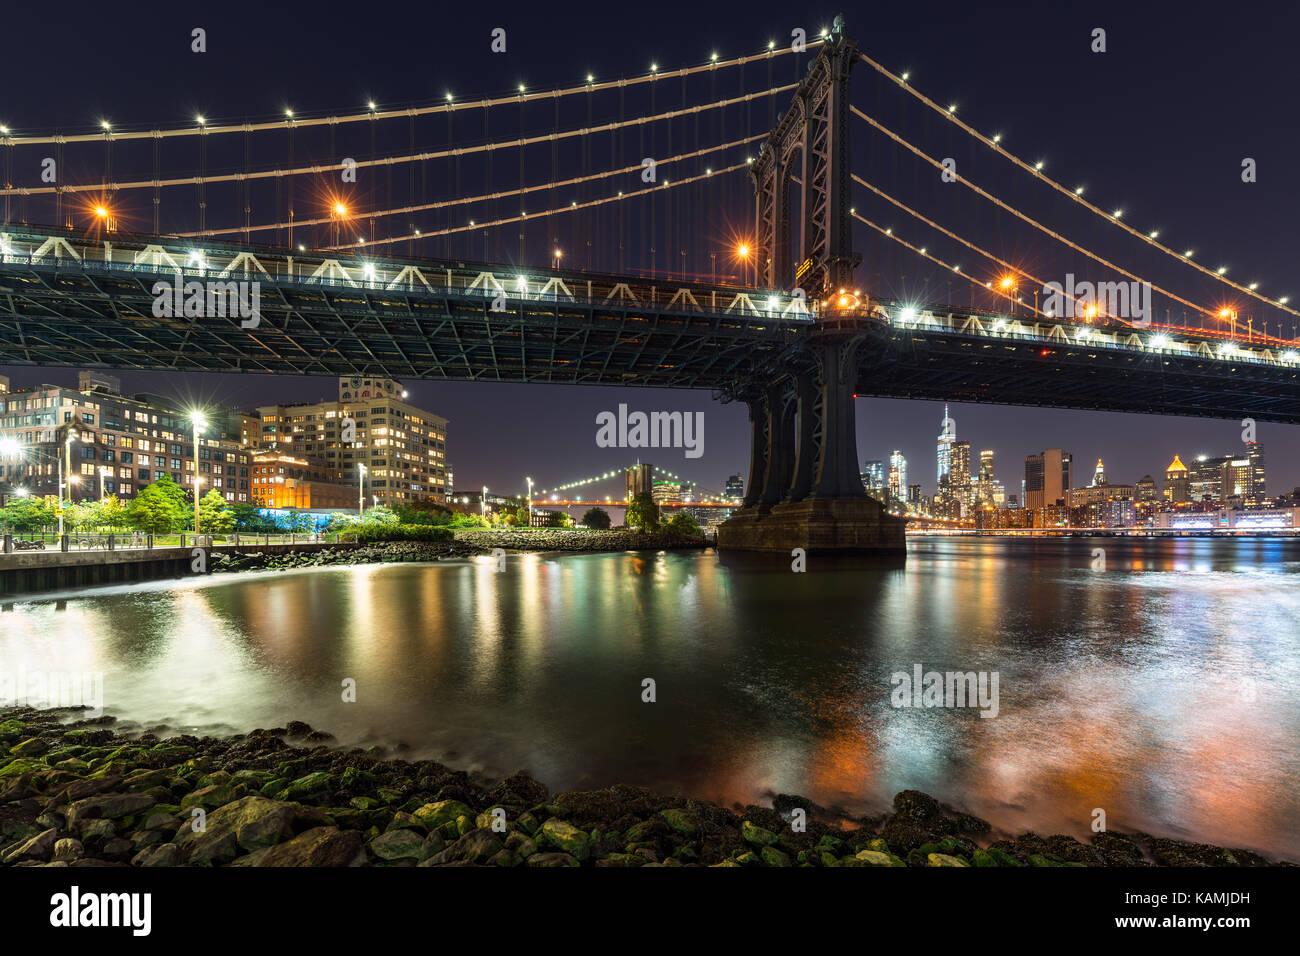 Parque de calle principal y el Puente de Manhattan en la noche. Dumbo, Brooklyn, Nueva York Imagen De Stock